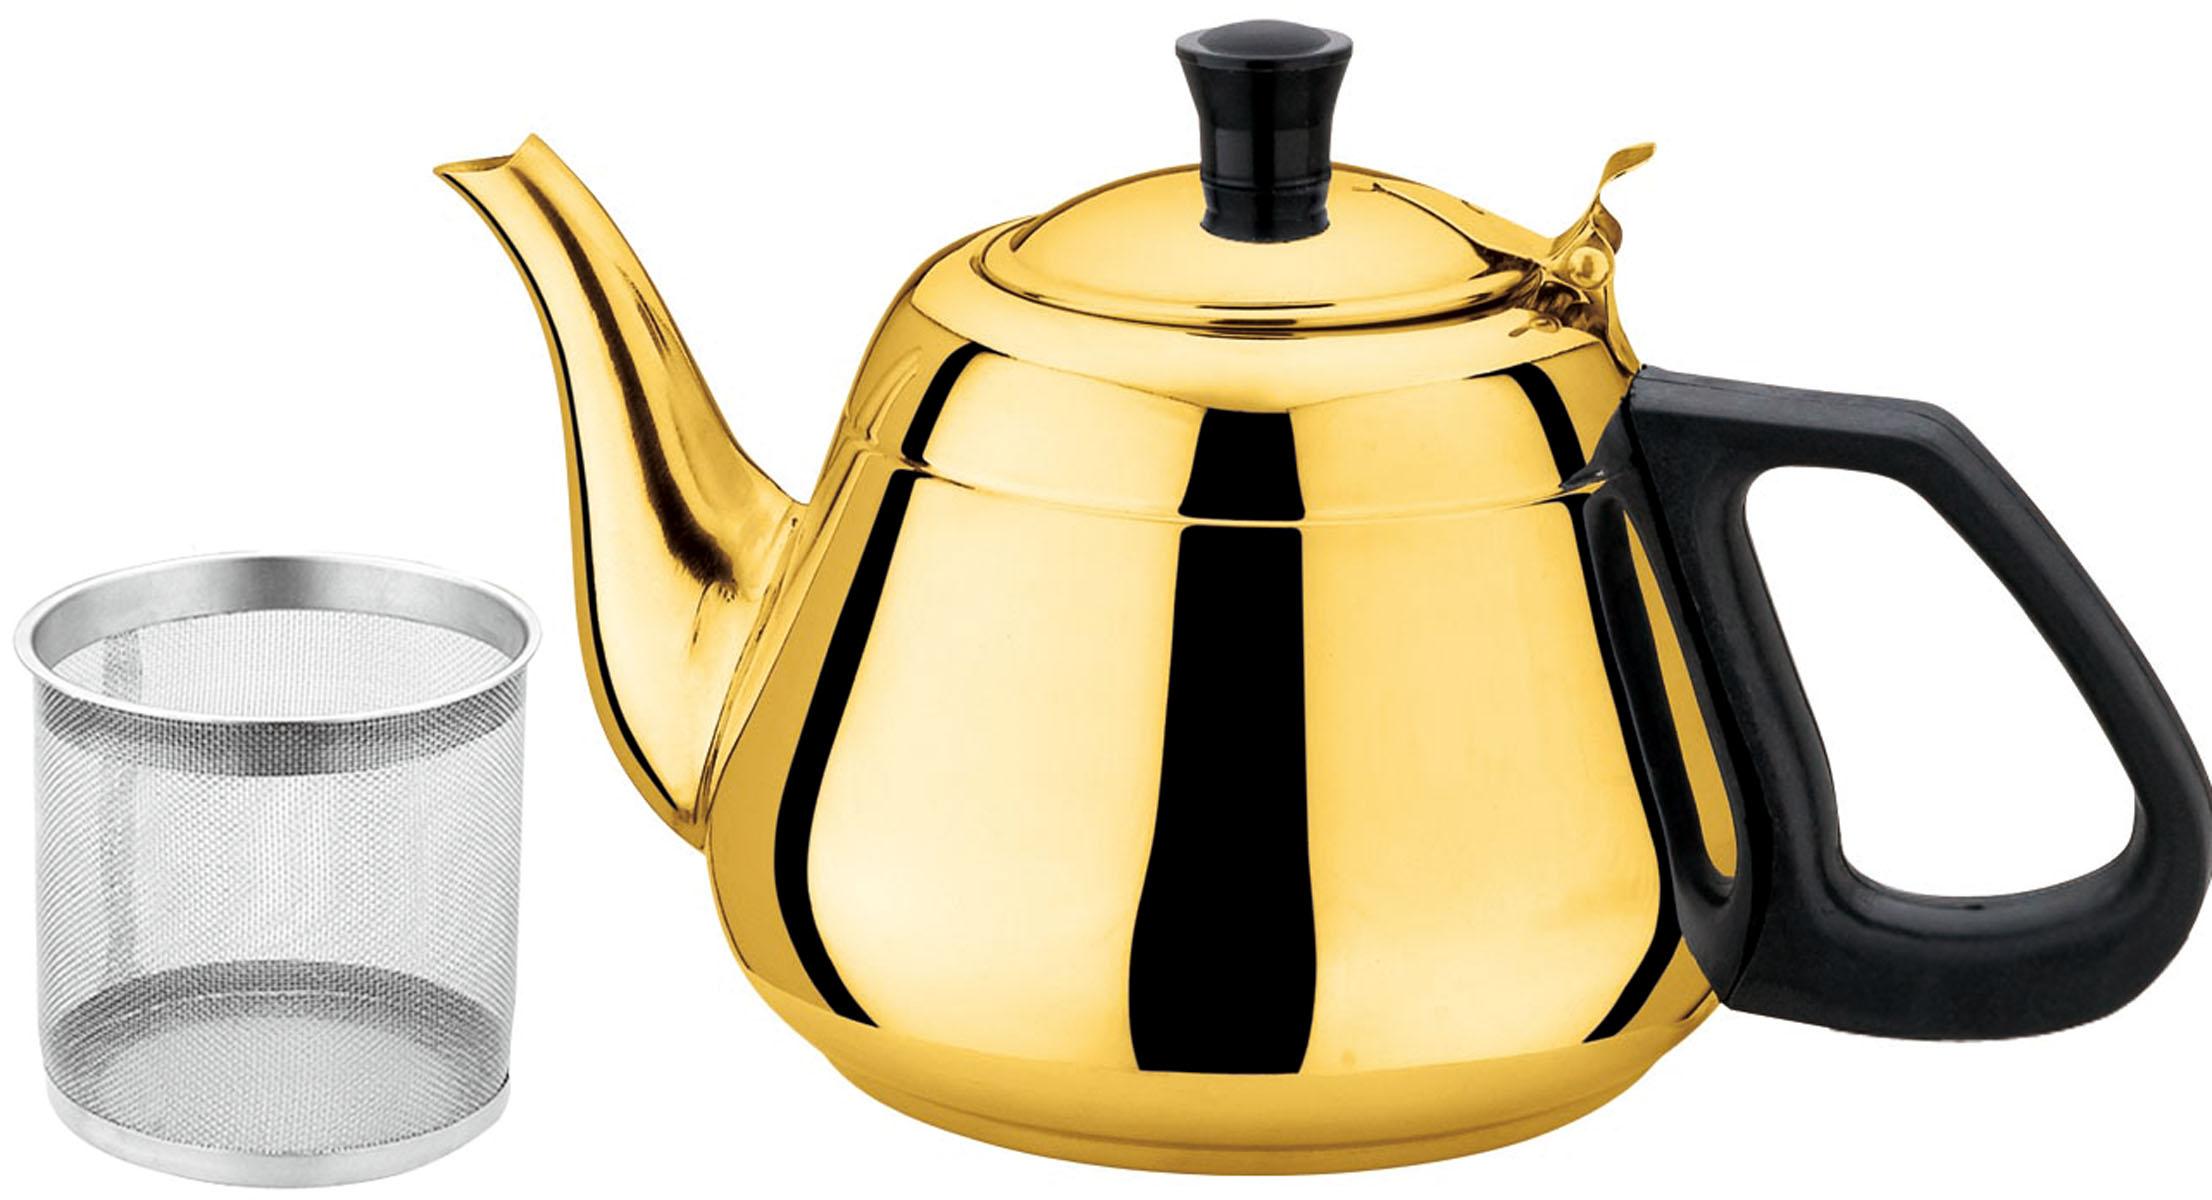 Чайник заварочный Bekker Koch, с ситечком, цвет: золотистый, 1,3 л. BK-S503115610Чайник Bekker Koch выполнен из высококачественной нержавеющей стали, что обеспечивает долговечность использования. Внешнее зеркальное покрытие придает приятный внешний вид. Бакелитовая ручкаделает использование чайника очень удобным и безопасным. Чайник снабжен ситечком для заваривания. Можно мыть в посудомоечной машине. Пригоден для всех видов плит, включая индукционные. Диаметр (по верхнему краю): 6,5 см.Высота чайника (без учета крышки и ручки): 10 см.Диаметр основания: 11 см. Толщина стенки: 0,4 мм.Толщина дна: 1 мм.Высота ситечка: 7,3 см.